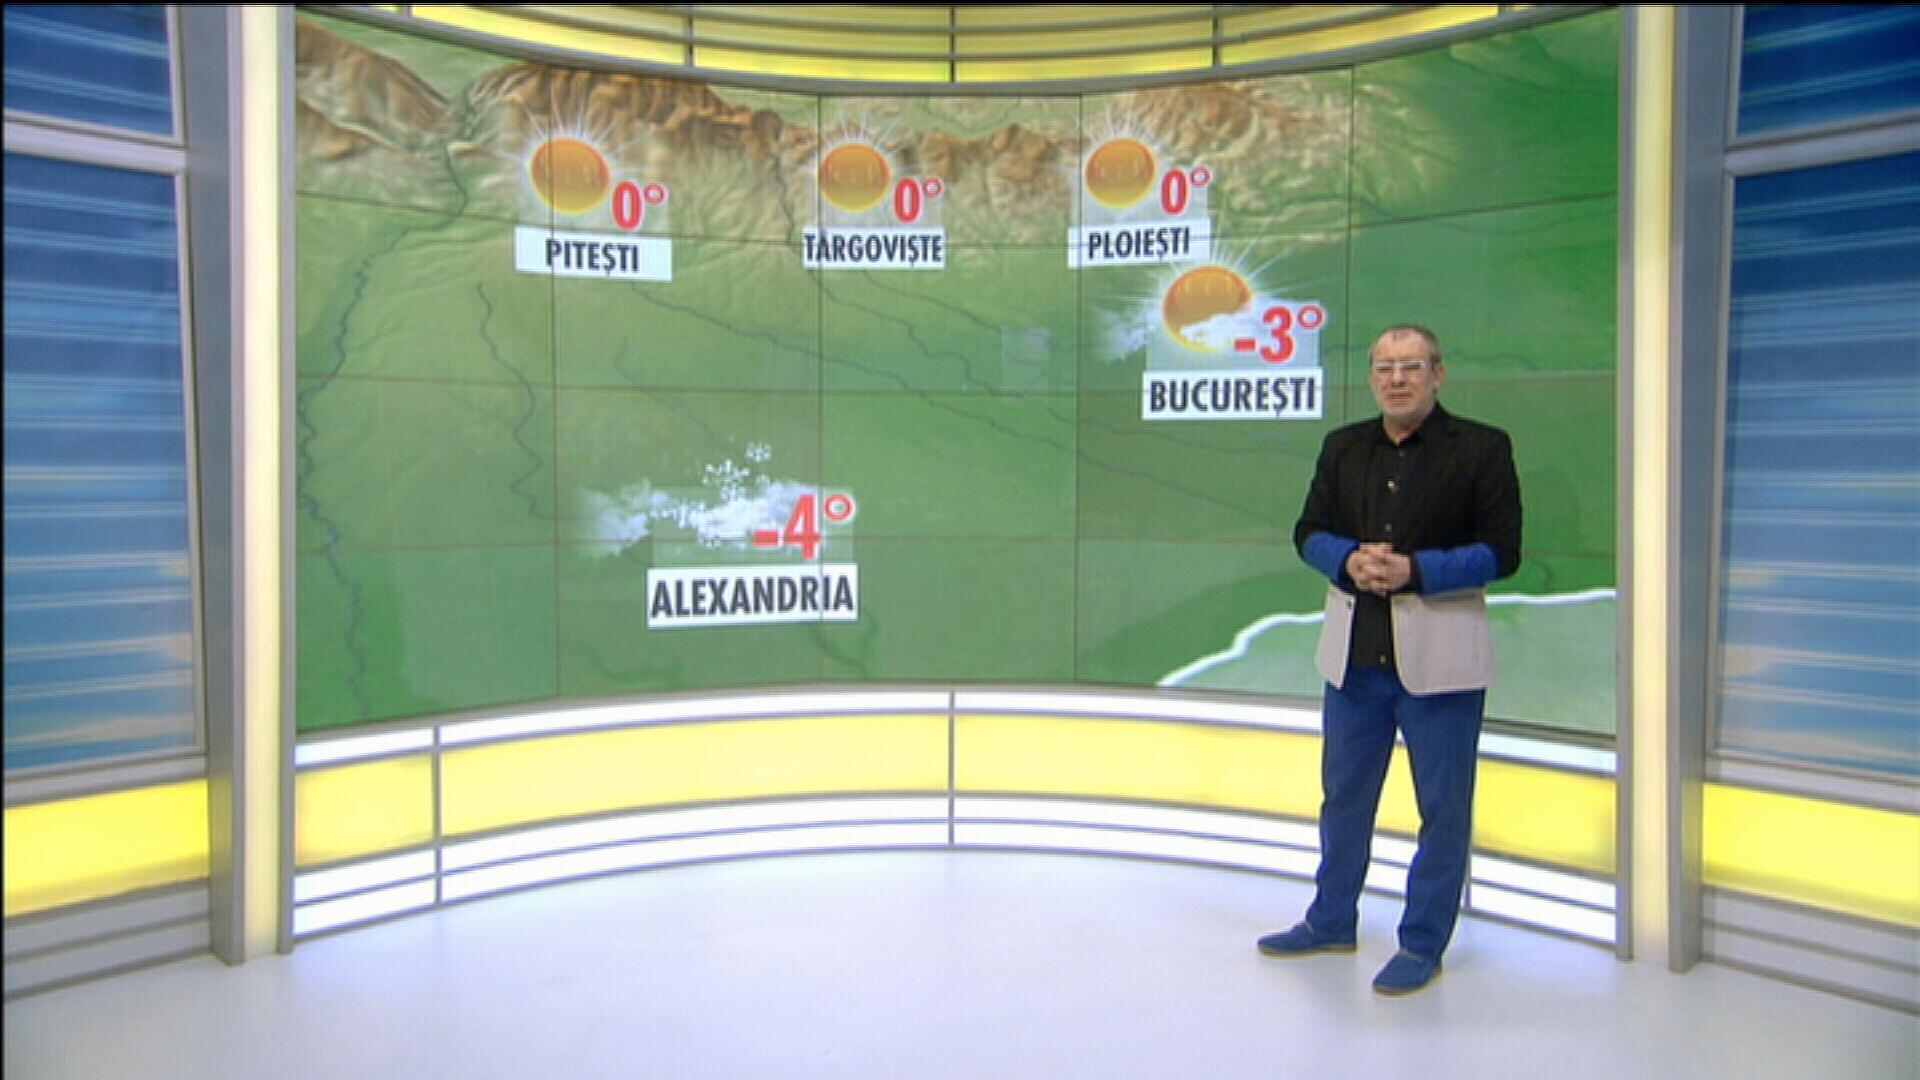 Vremea in ziua de 5 februarie 2014, prezentata de Florin Busuioc. Prognoza meteo pana sambata